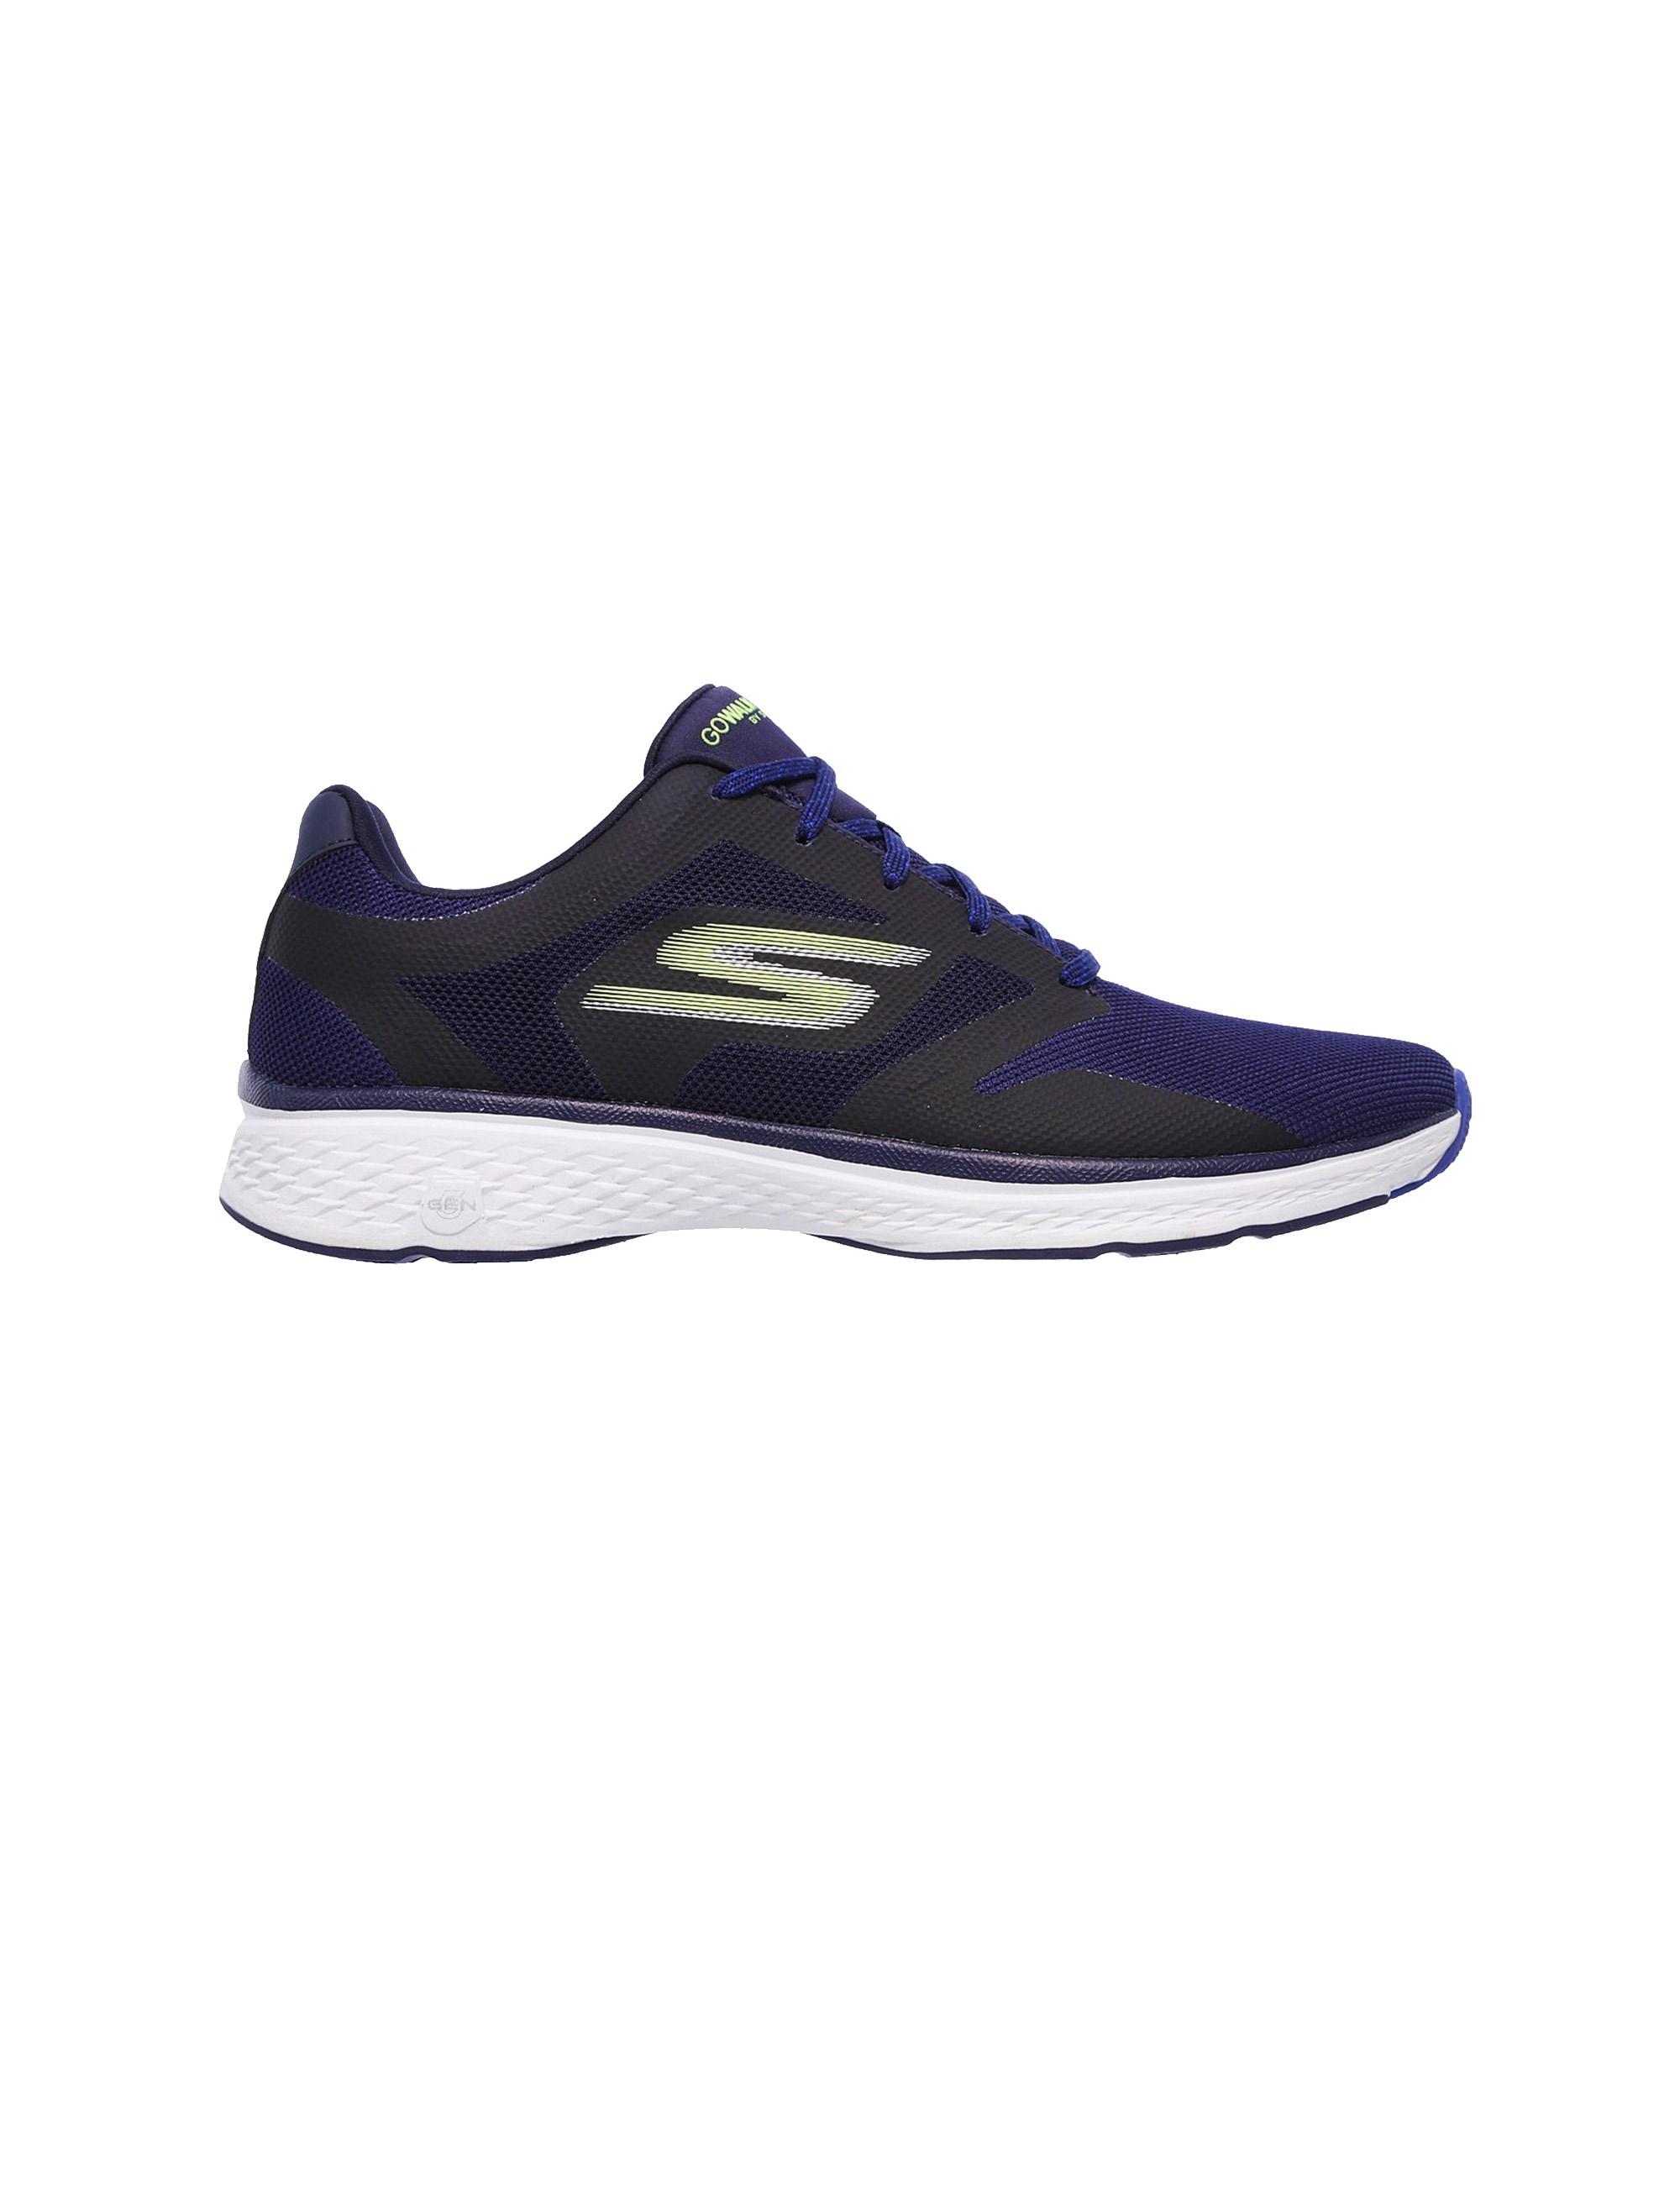 قیمت کفش پیاده روی بندی مردانه GOwalk Sport Power - اسکچرز